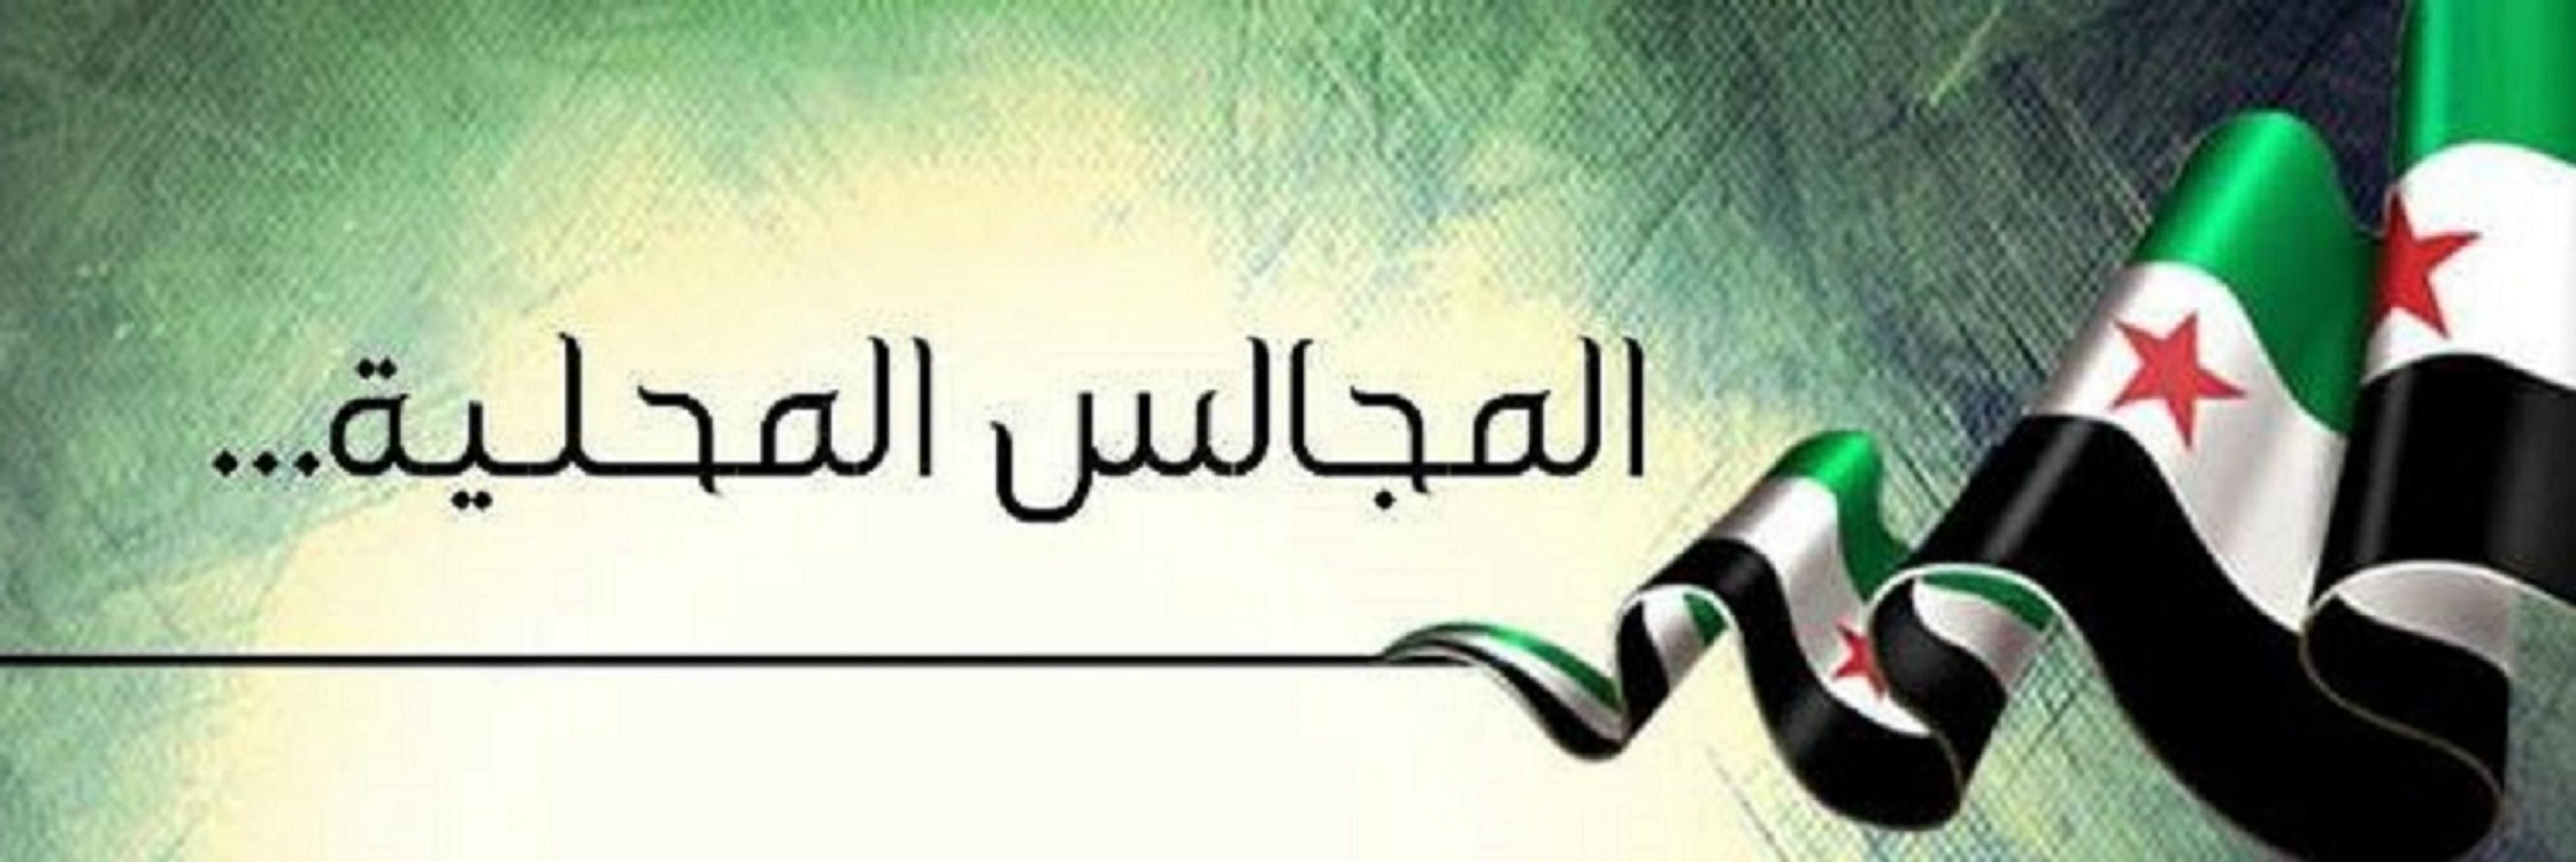 المجالس المحلية في ادلب ترفض دخول القوات الحكومية